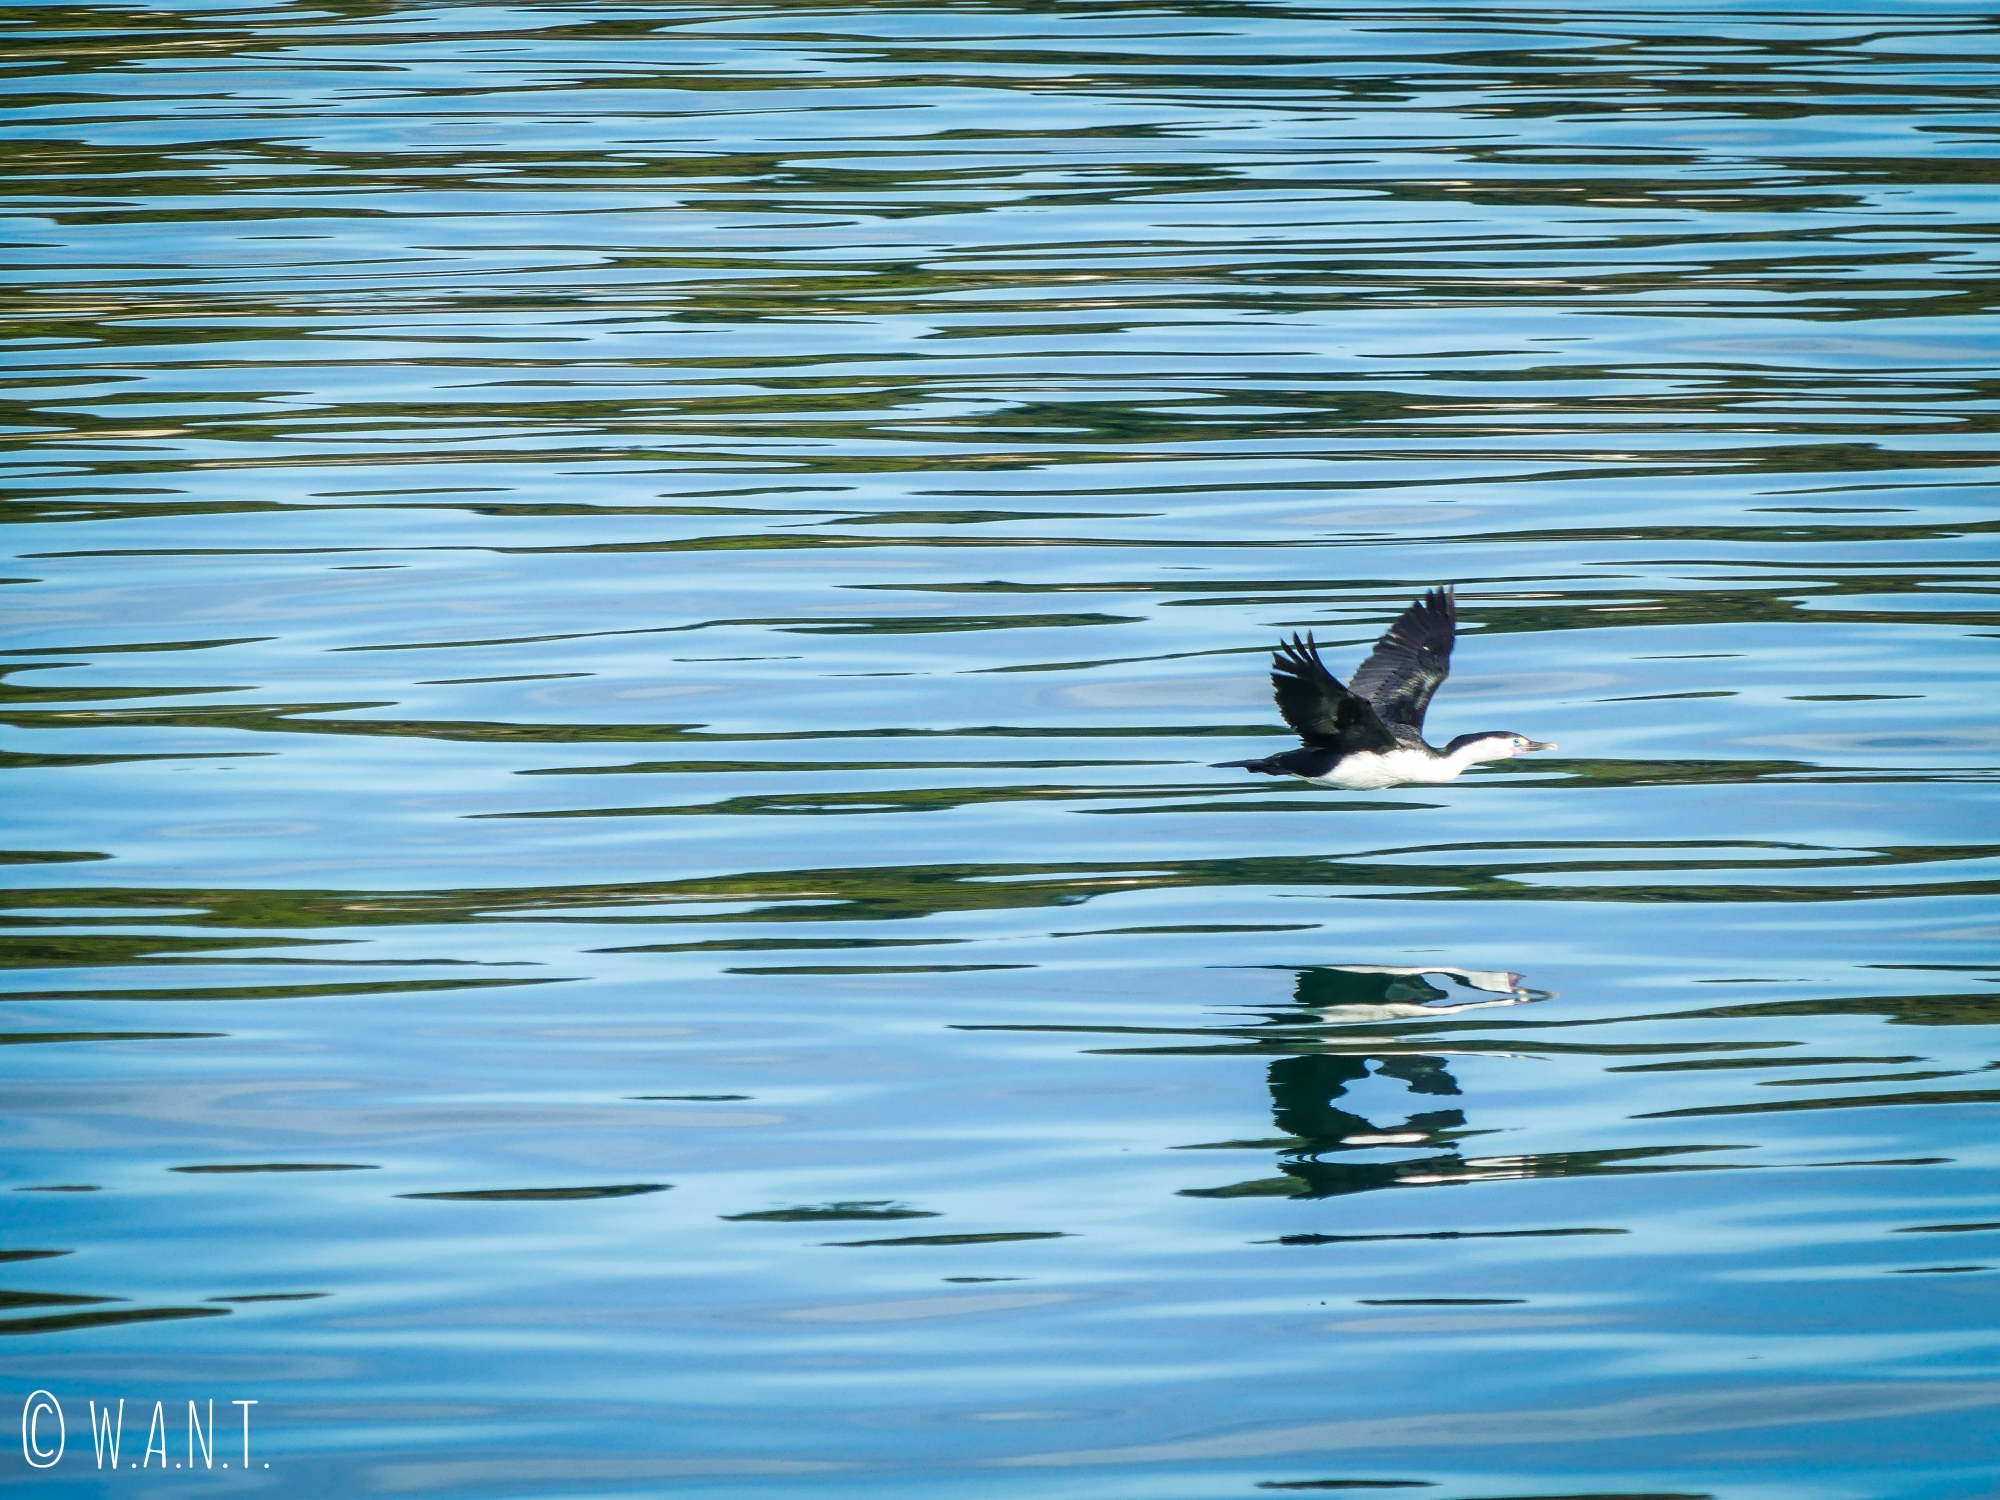 Vol de cormorant au-dessus des eaux de la baie de Tasman en Nouvelle-Zélande